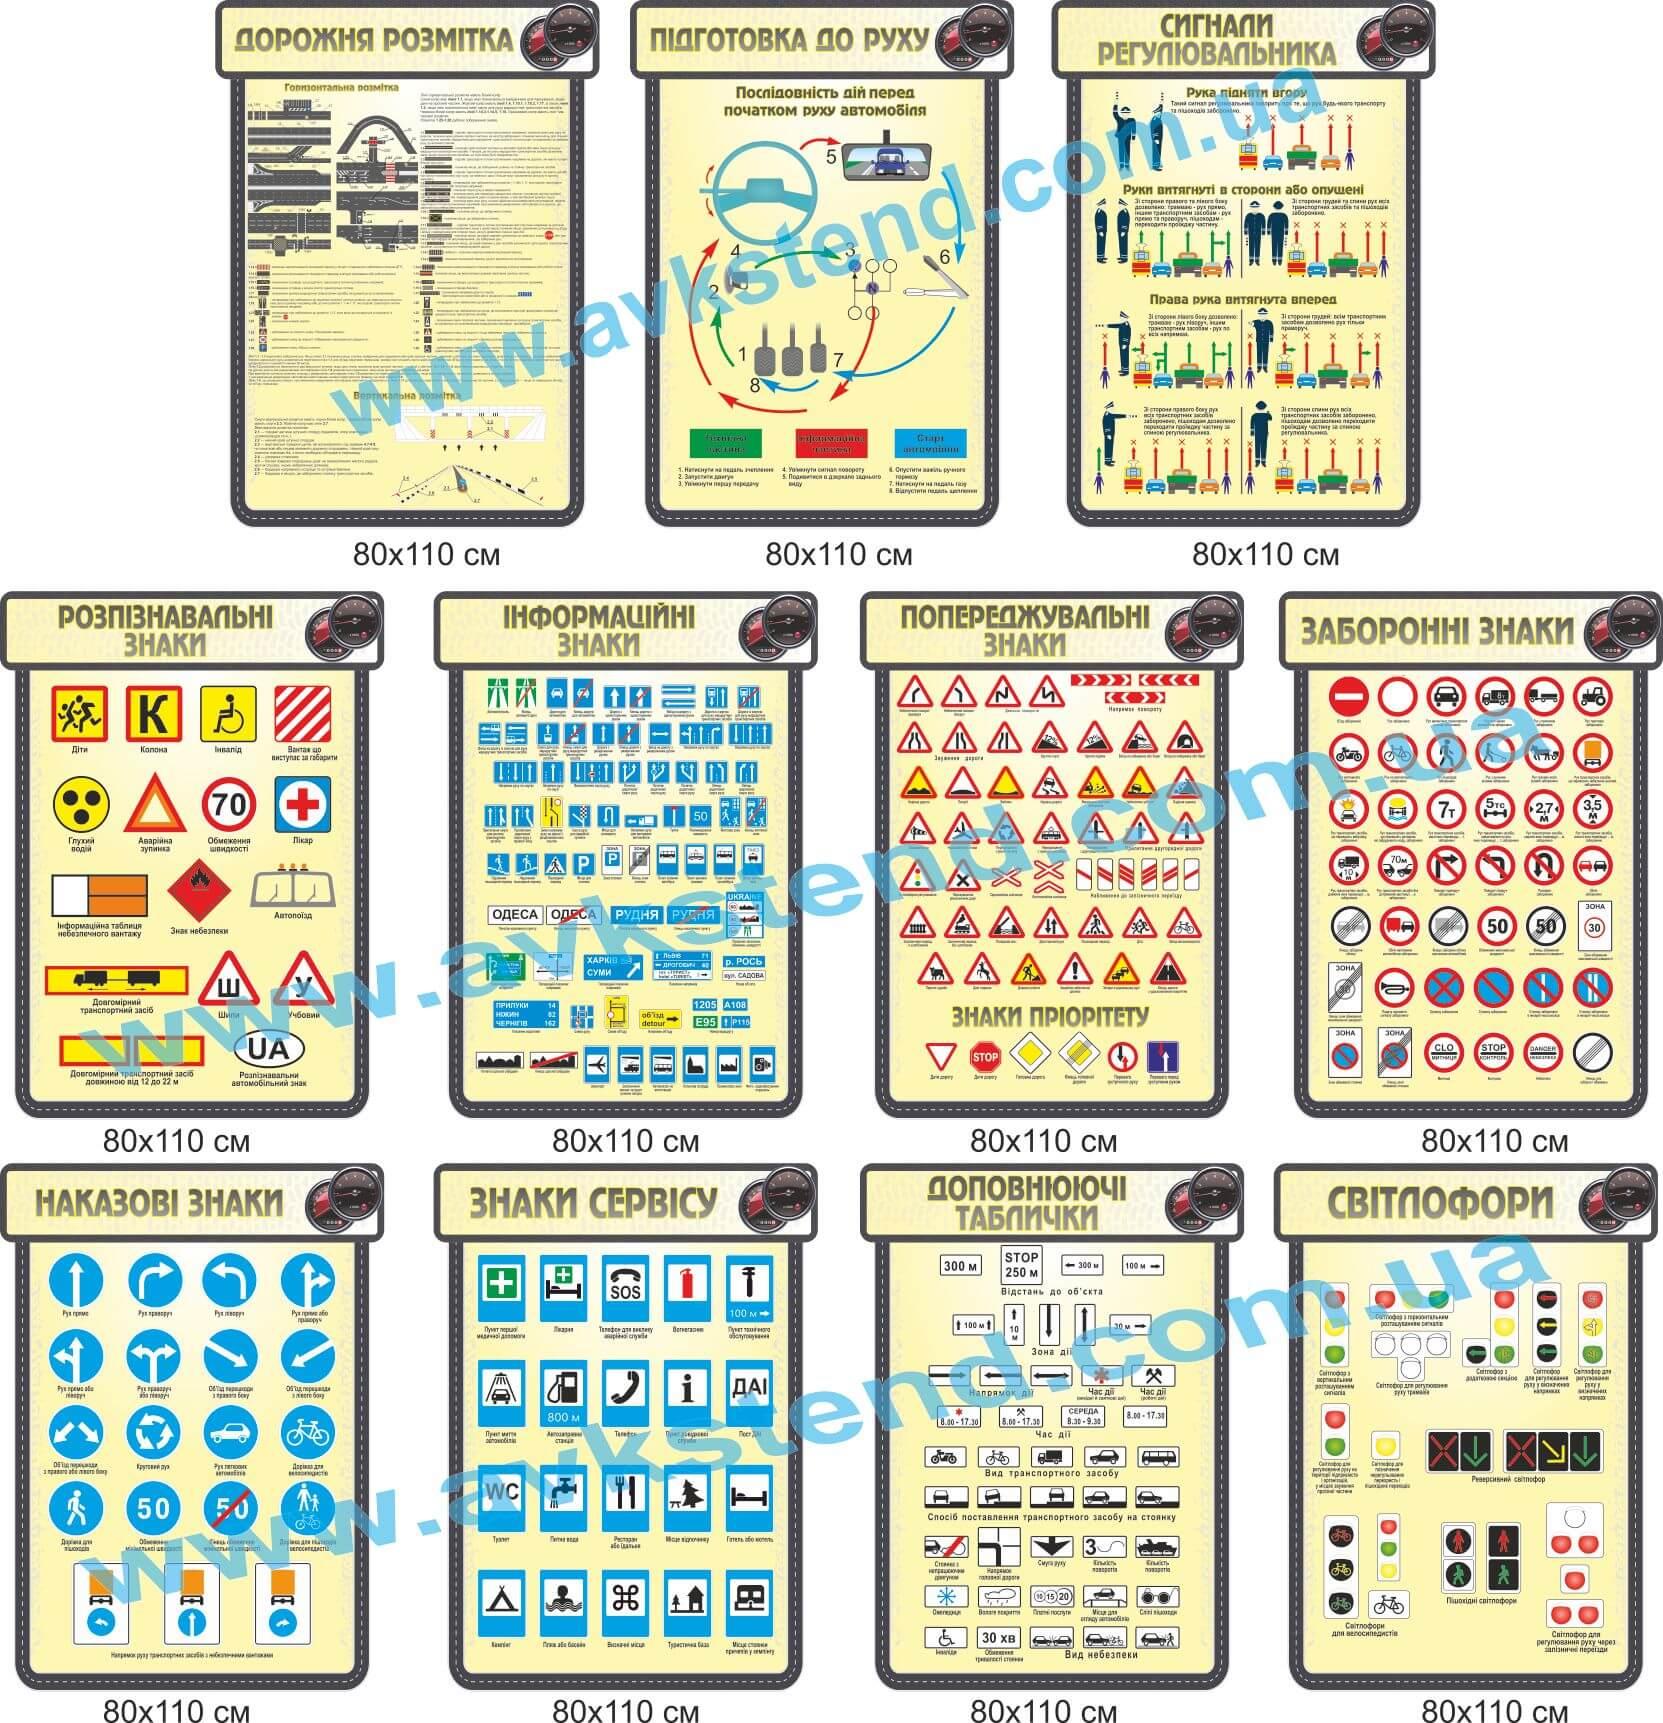 Комплект стендів для автошколи, Комплект стендов для автошколы, Дорожная разметка, Подготовка к движению, Сигналы регулировщика, Отличительные знаки, Информационные знаки, Предупреждающие знаки, запрещающие знаки, Предписывающие знаки, Знаки сервиса, Дополняющие таблички, Светофоры, Дорожня розмітка, Підготовка до руху, Сигнали регулювальника, Розпізнавальні знаки, Інформаційні знаки, Попереджувальні знаки, Заборонні знаки, Наказові знаки, Знаки сервісу, Доповнюючі таблички, Світлофори,